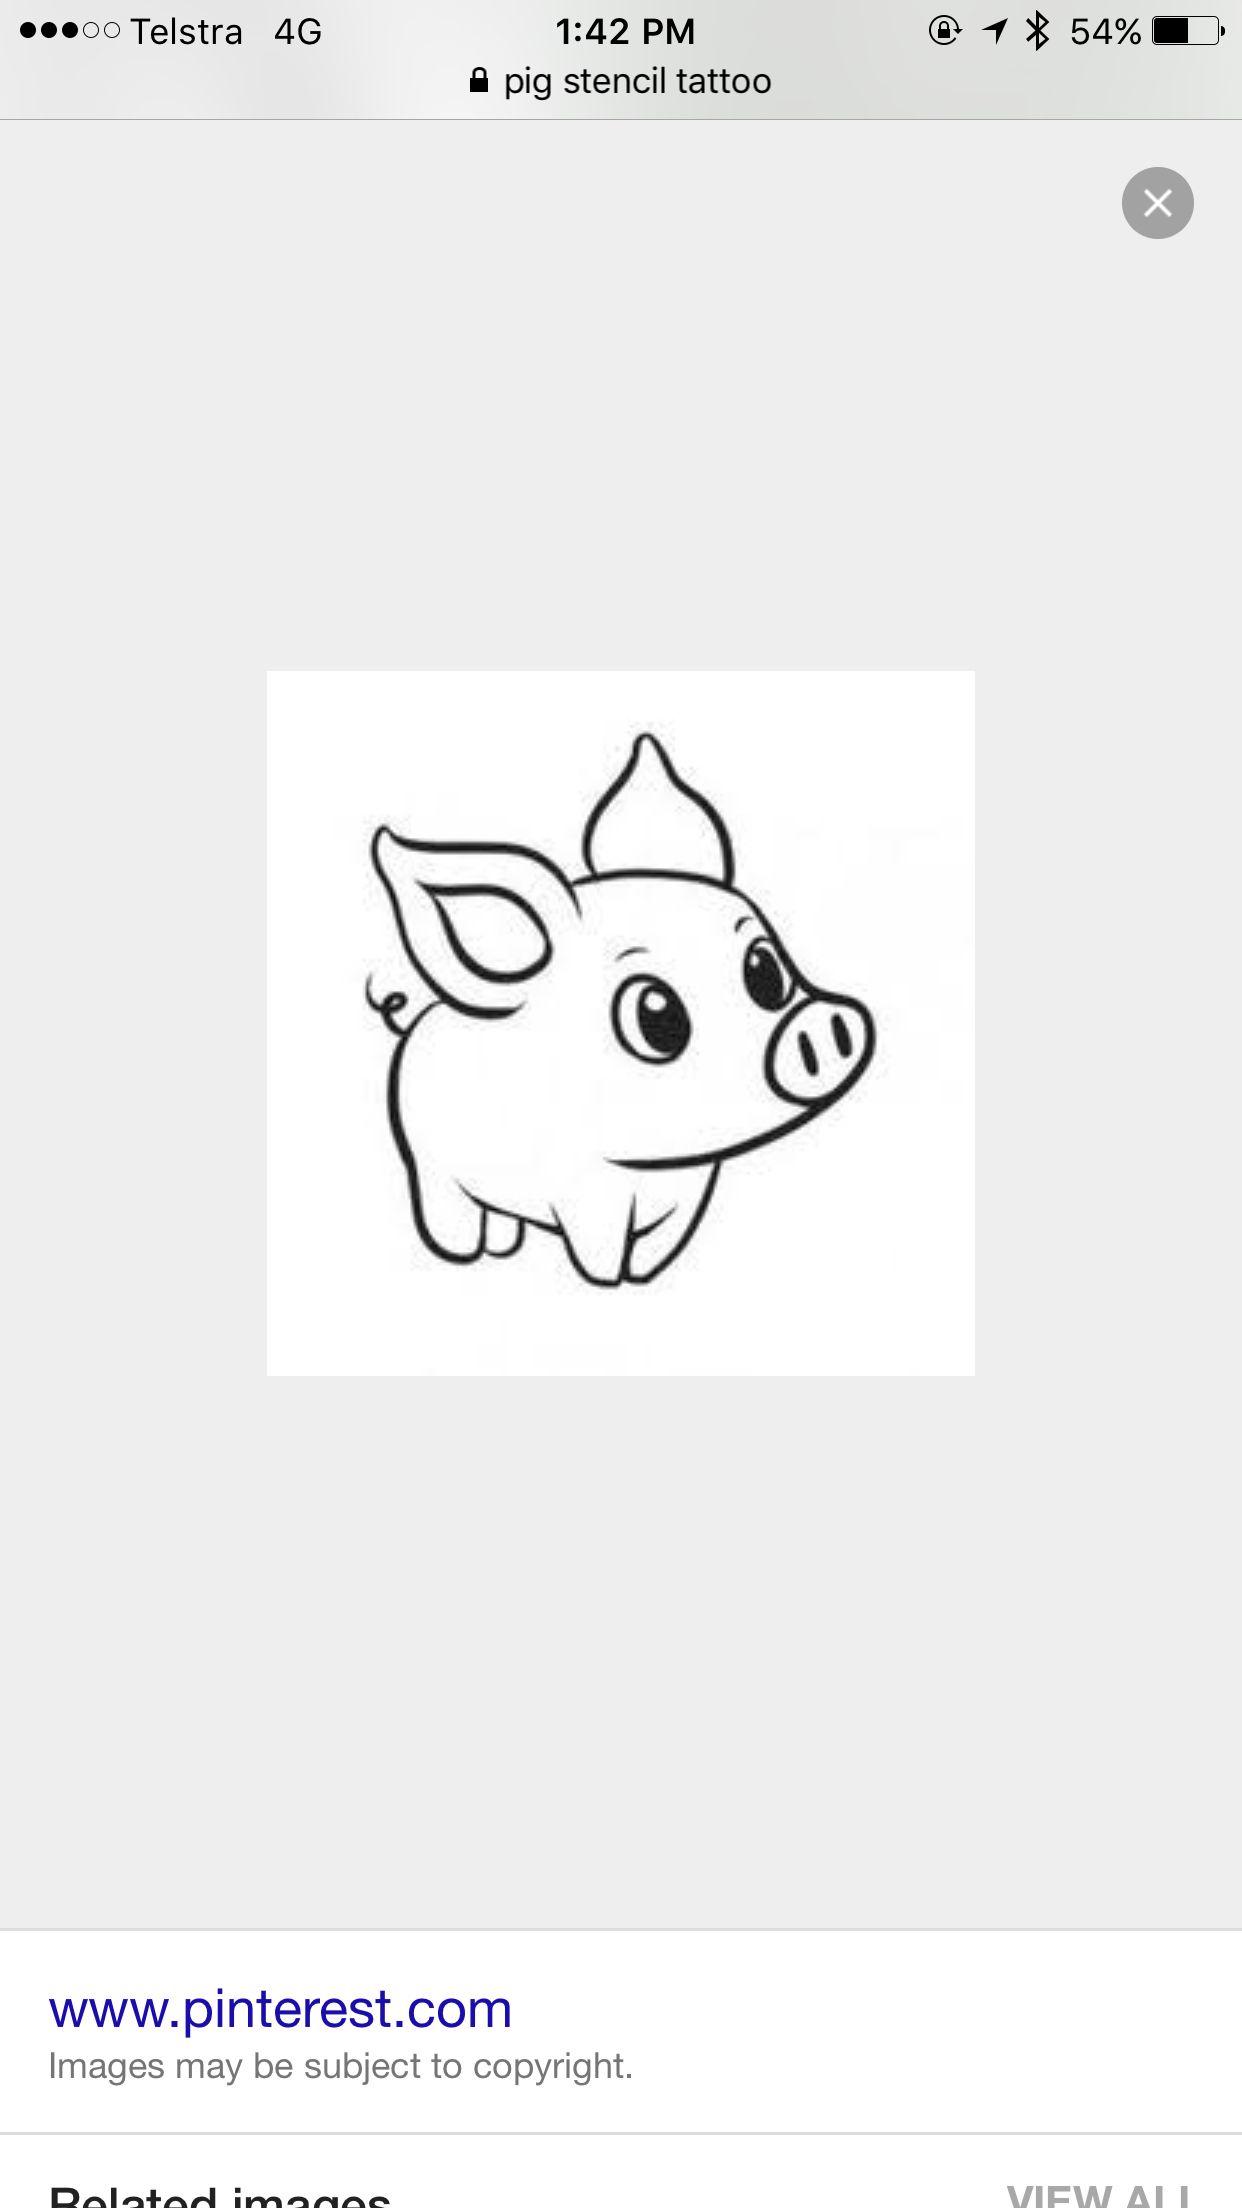 Tattoo idea for stencil pig | tattoo ideas | Pinterest | Tatuajes y ...